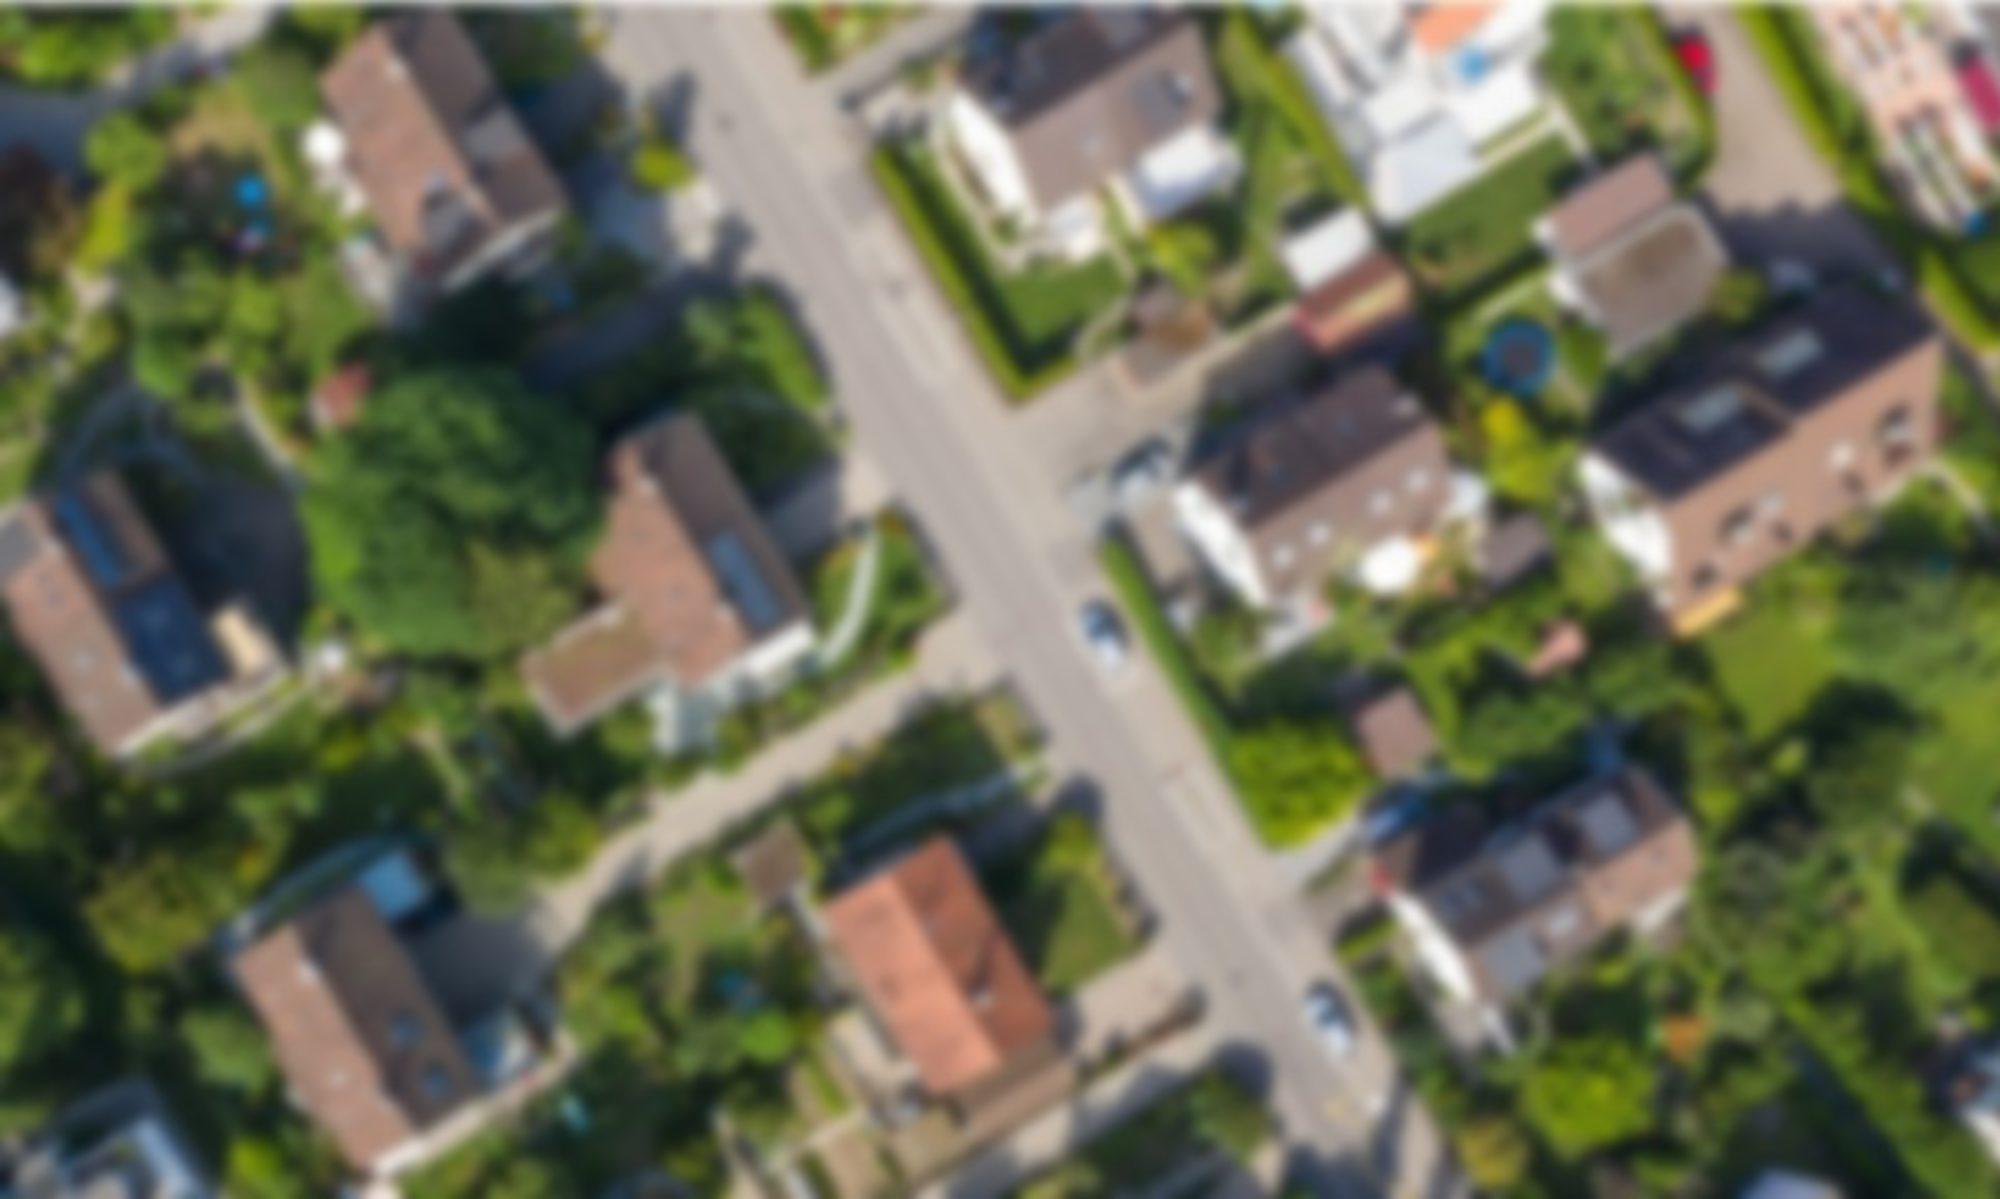 Graeser Neighbors for Safety